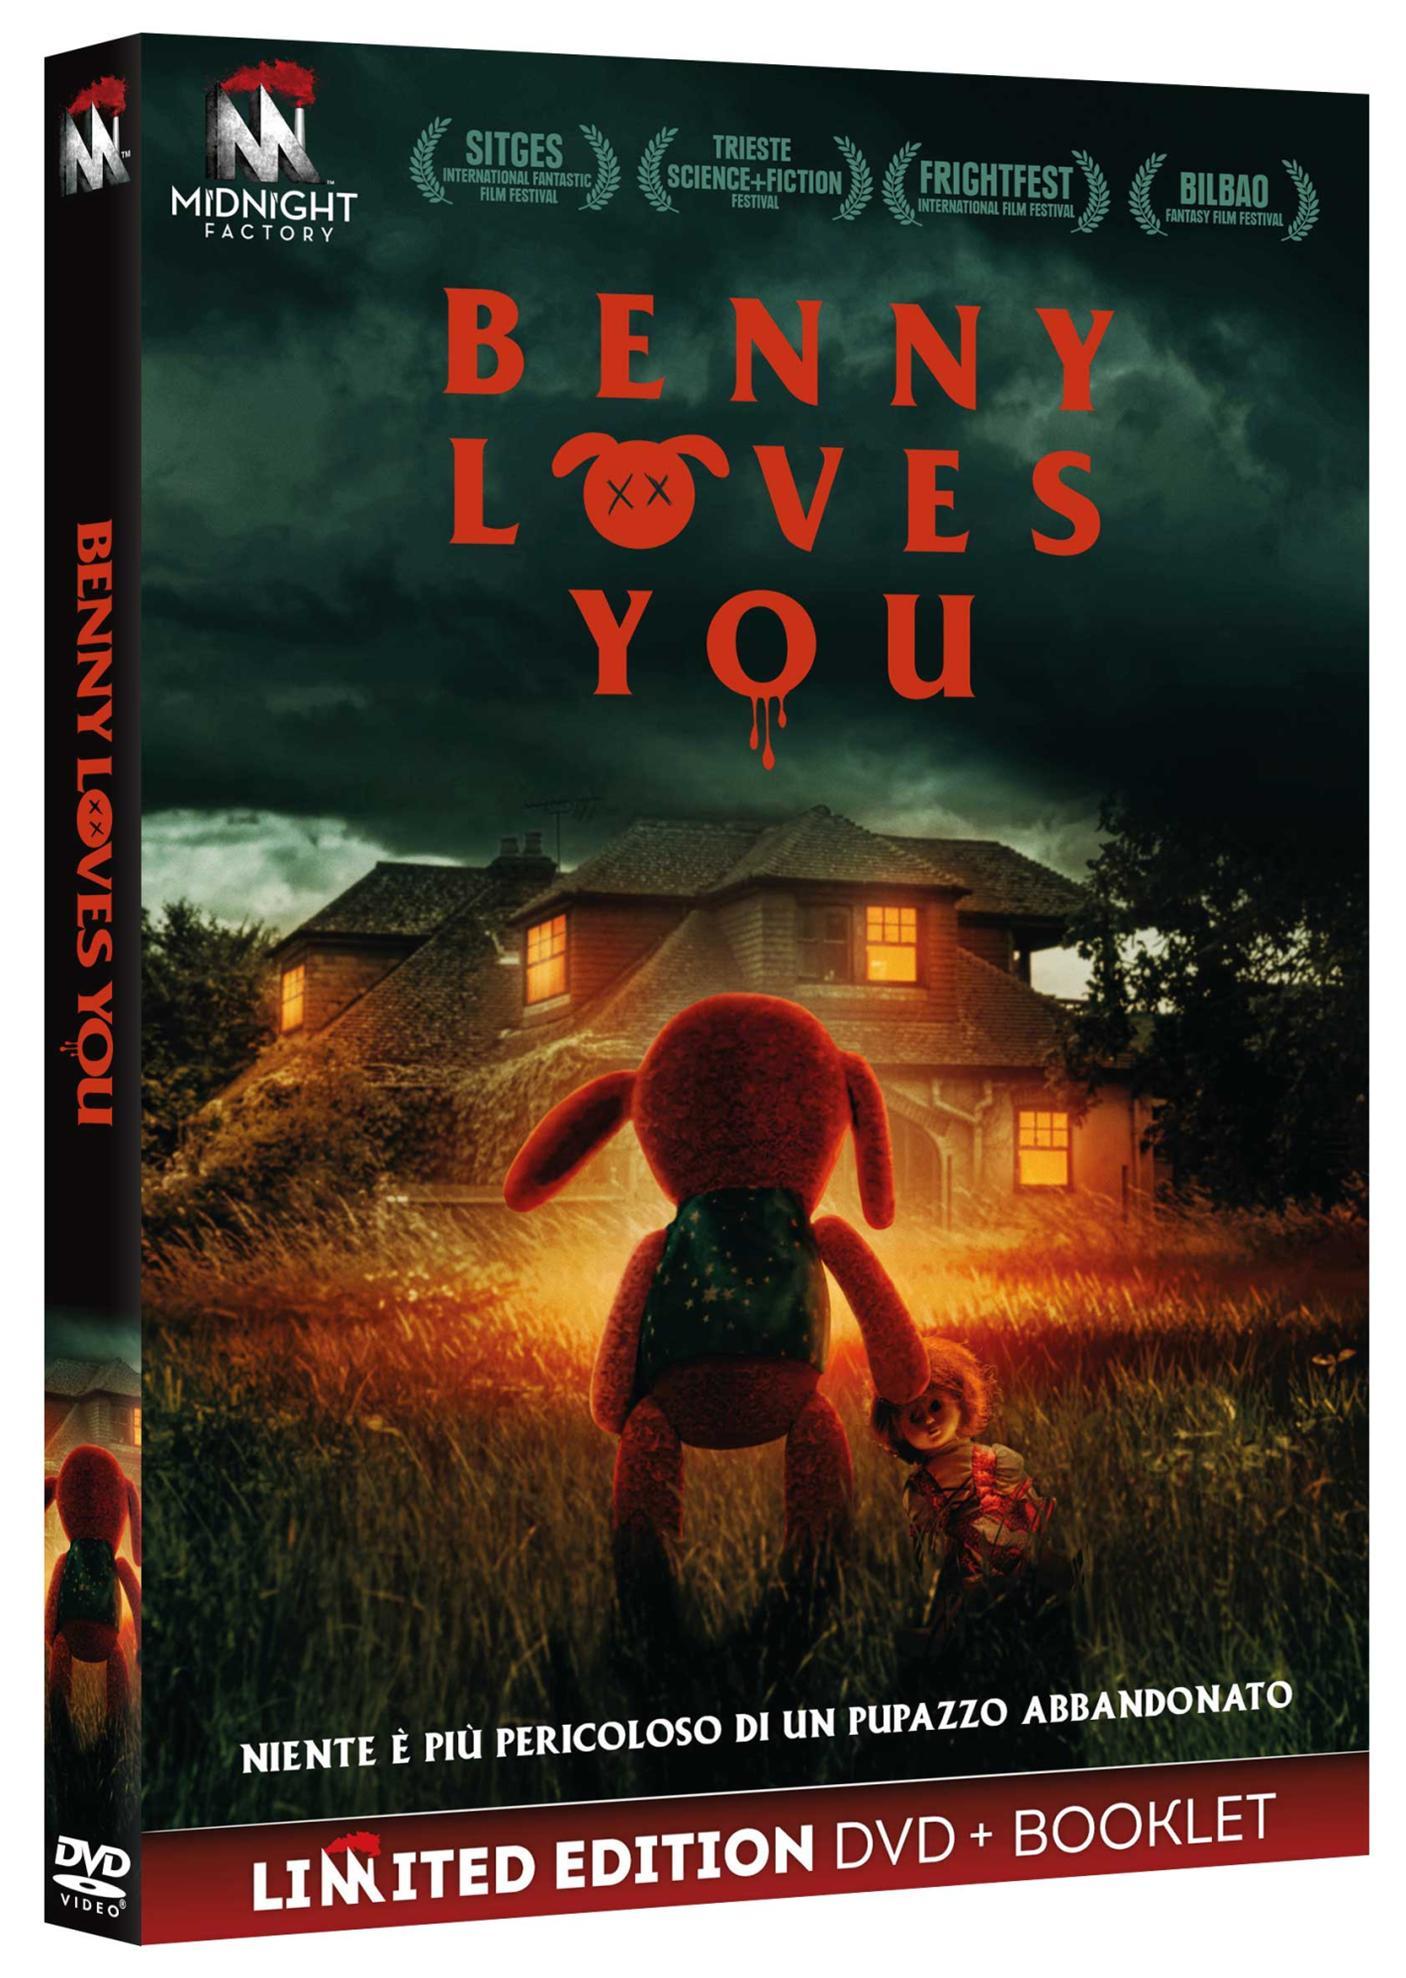 BENNY LOVES YOU (DVD+BOOKLET) (DVD)